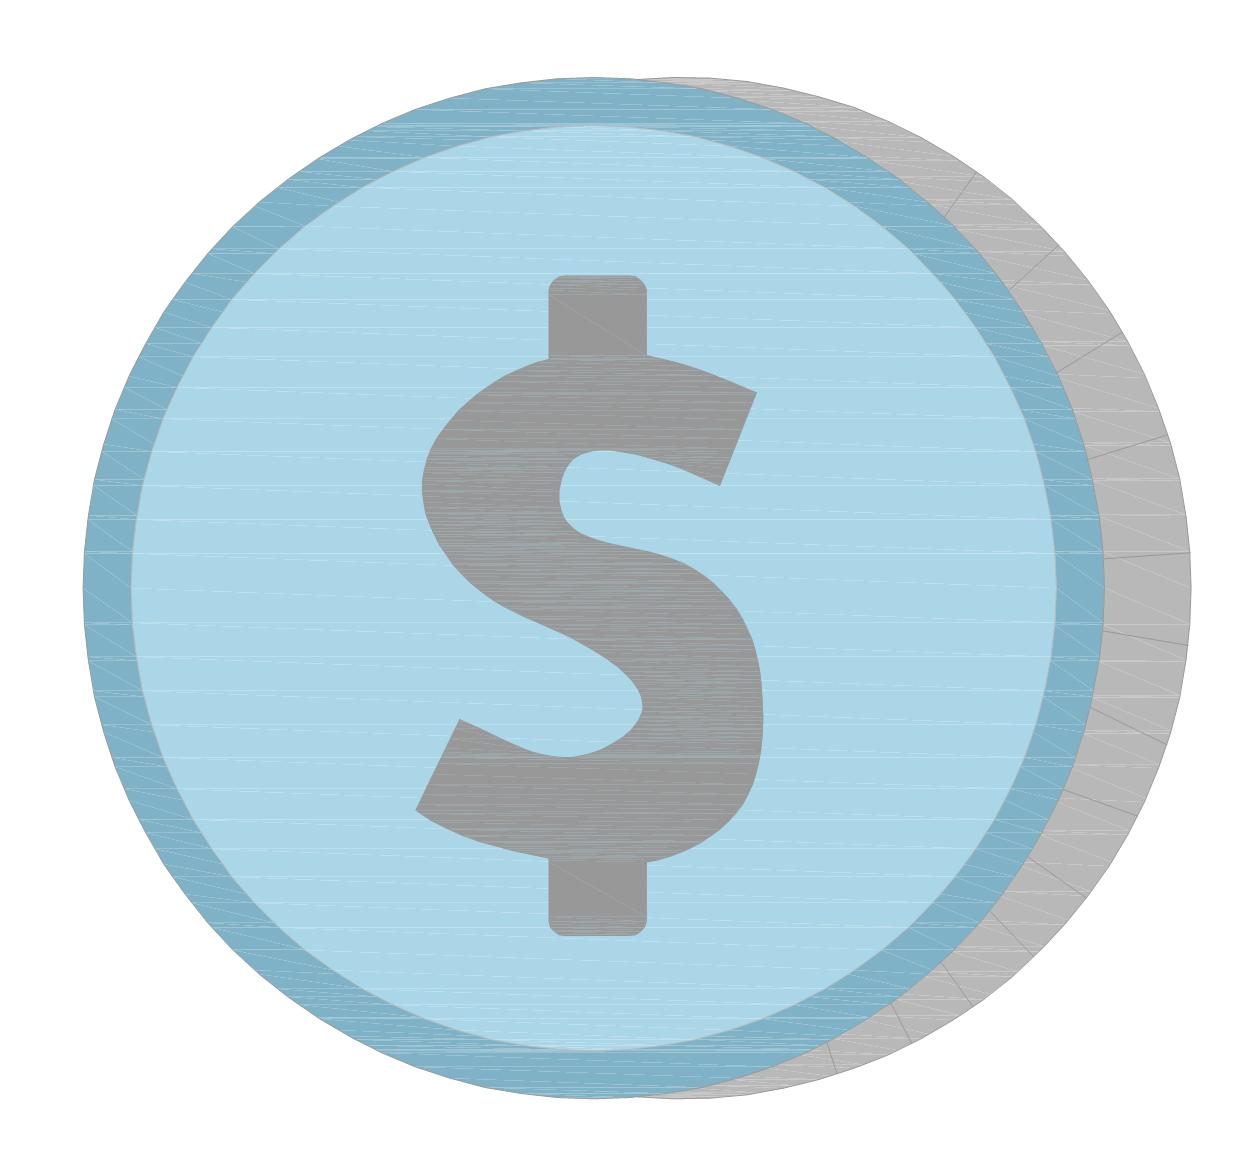 Pagamenti accettati: PayPal, Carte di Credito VISA e Mastercard, Bonifico bancario.